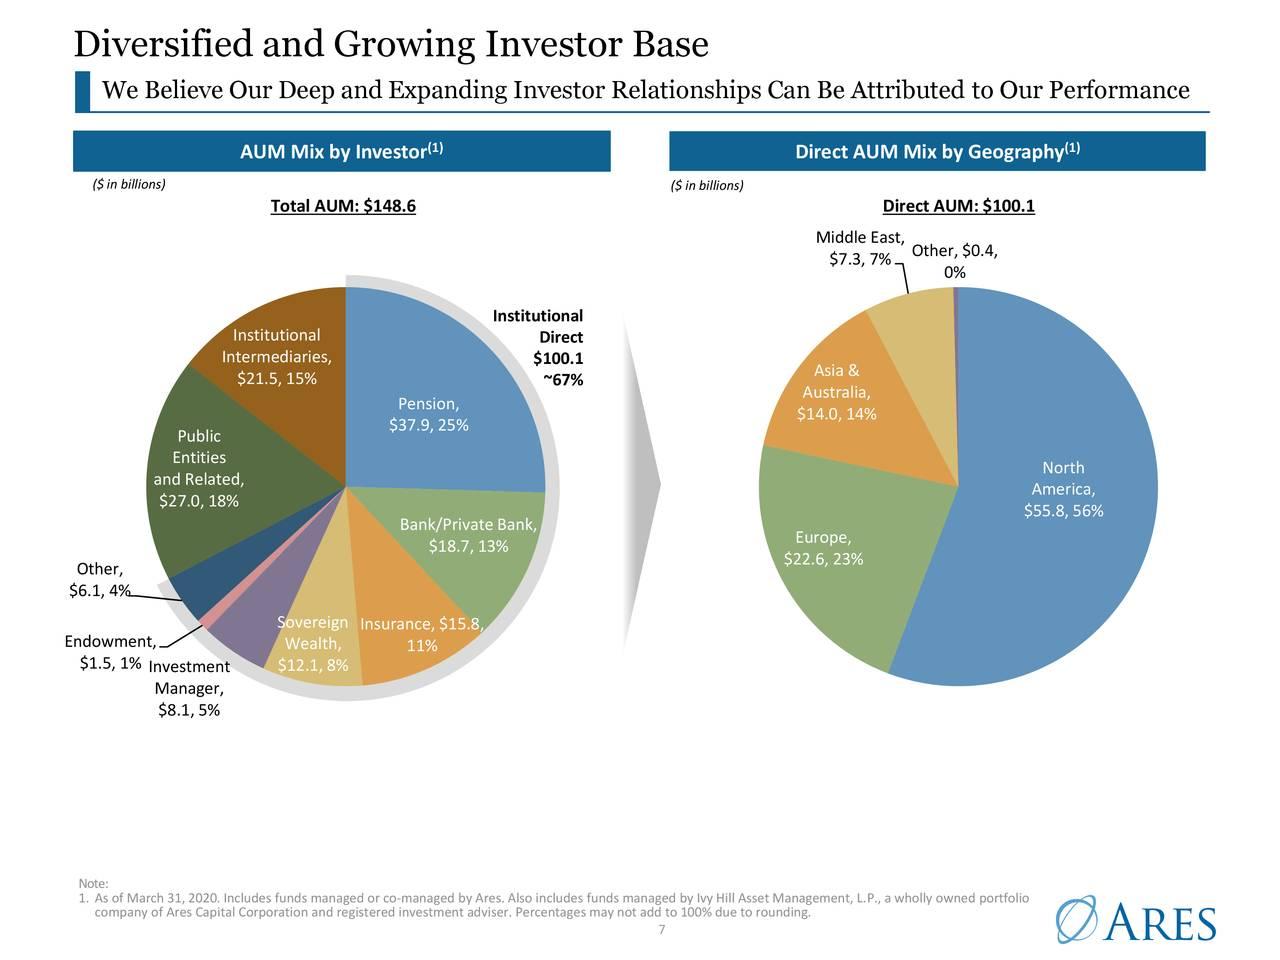 Base de inversores diversificada y en crecimiento